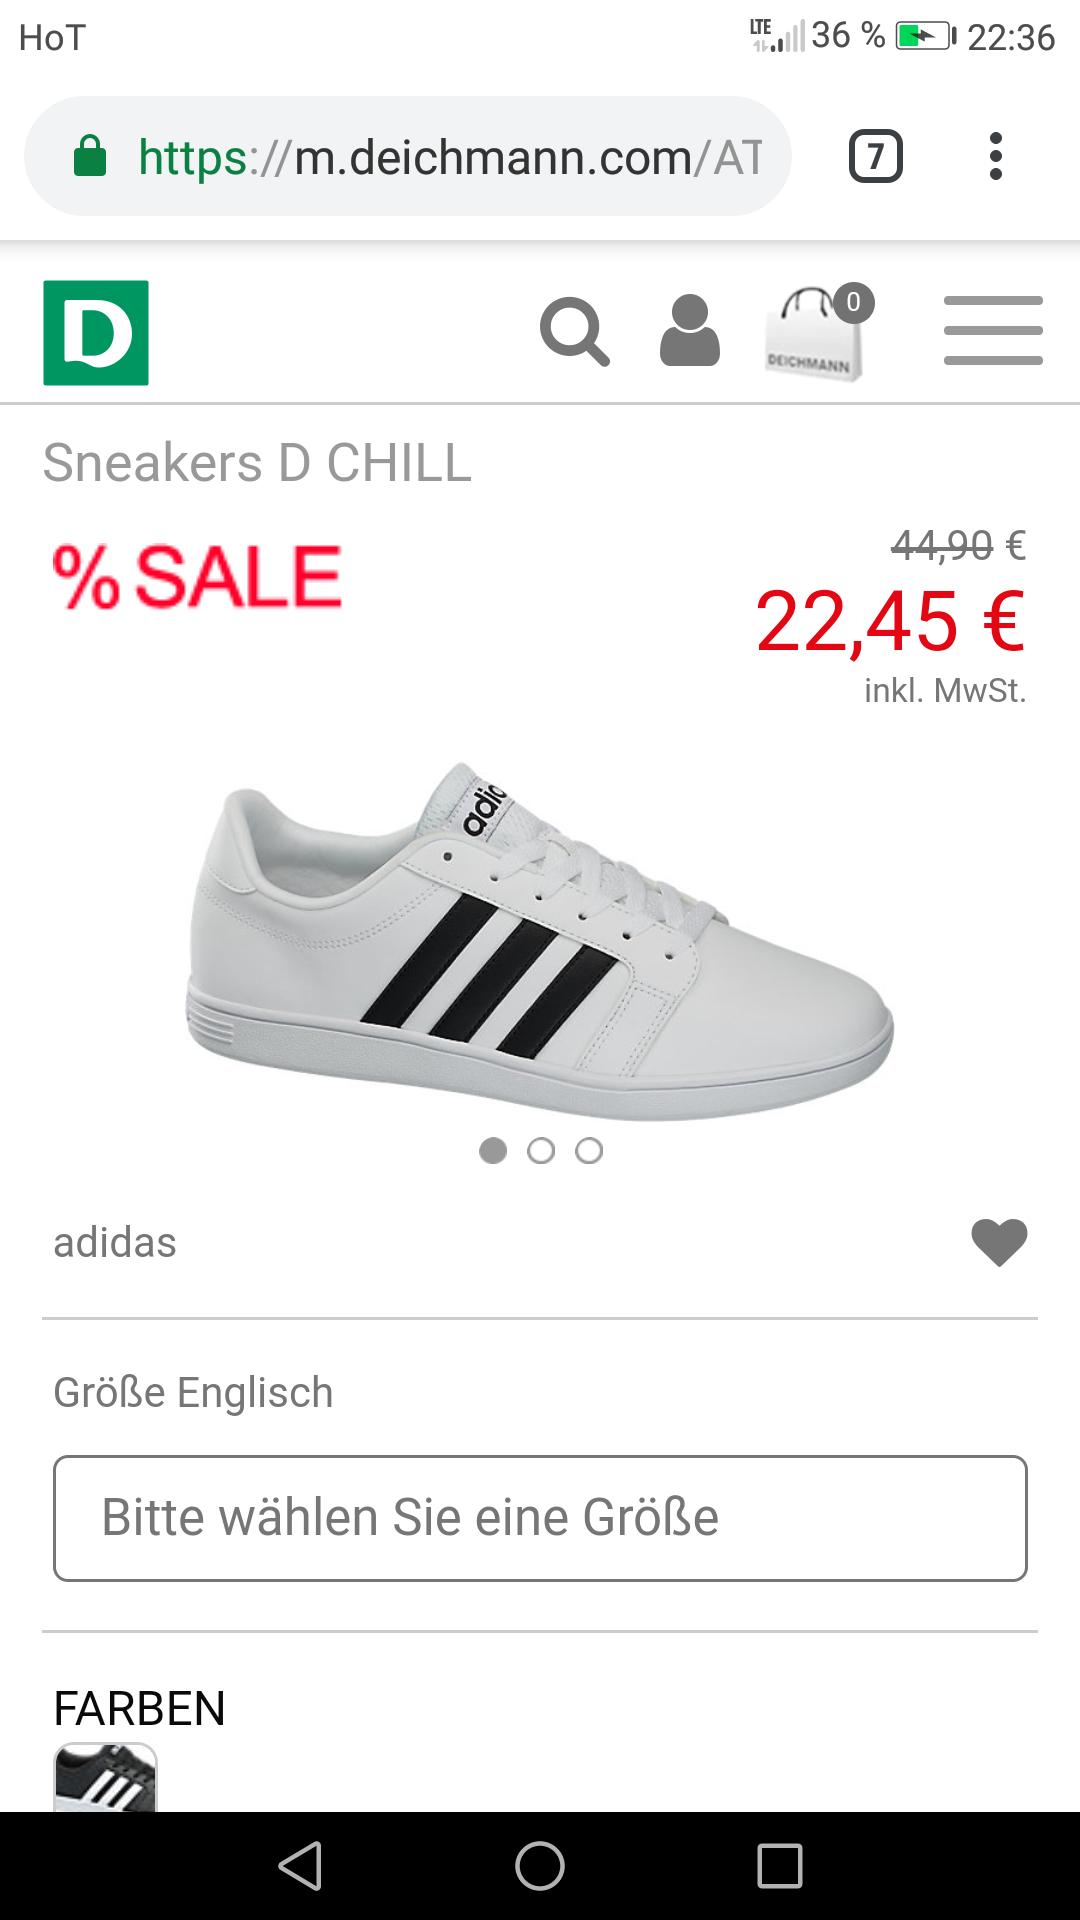 Deichmann Adidas sneakers in weiß und schwarz